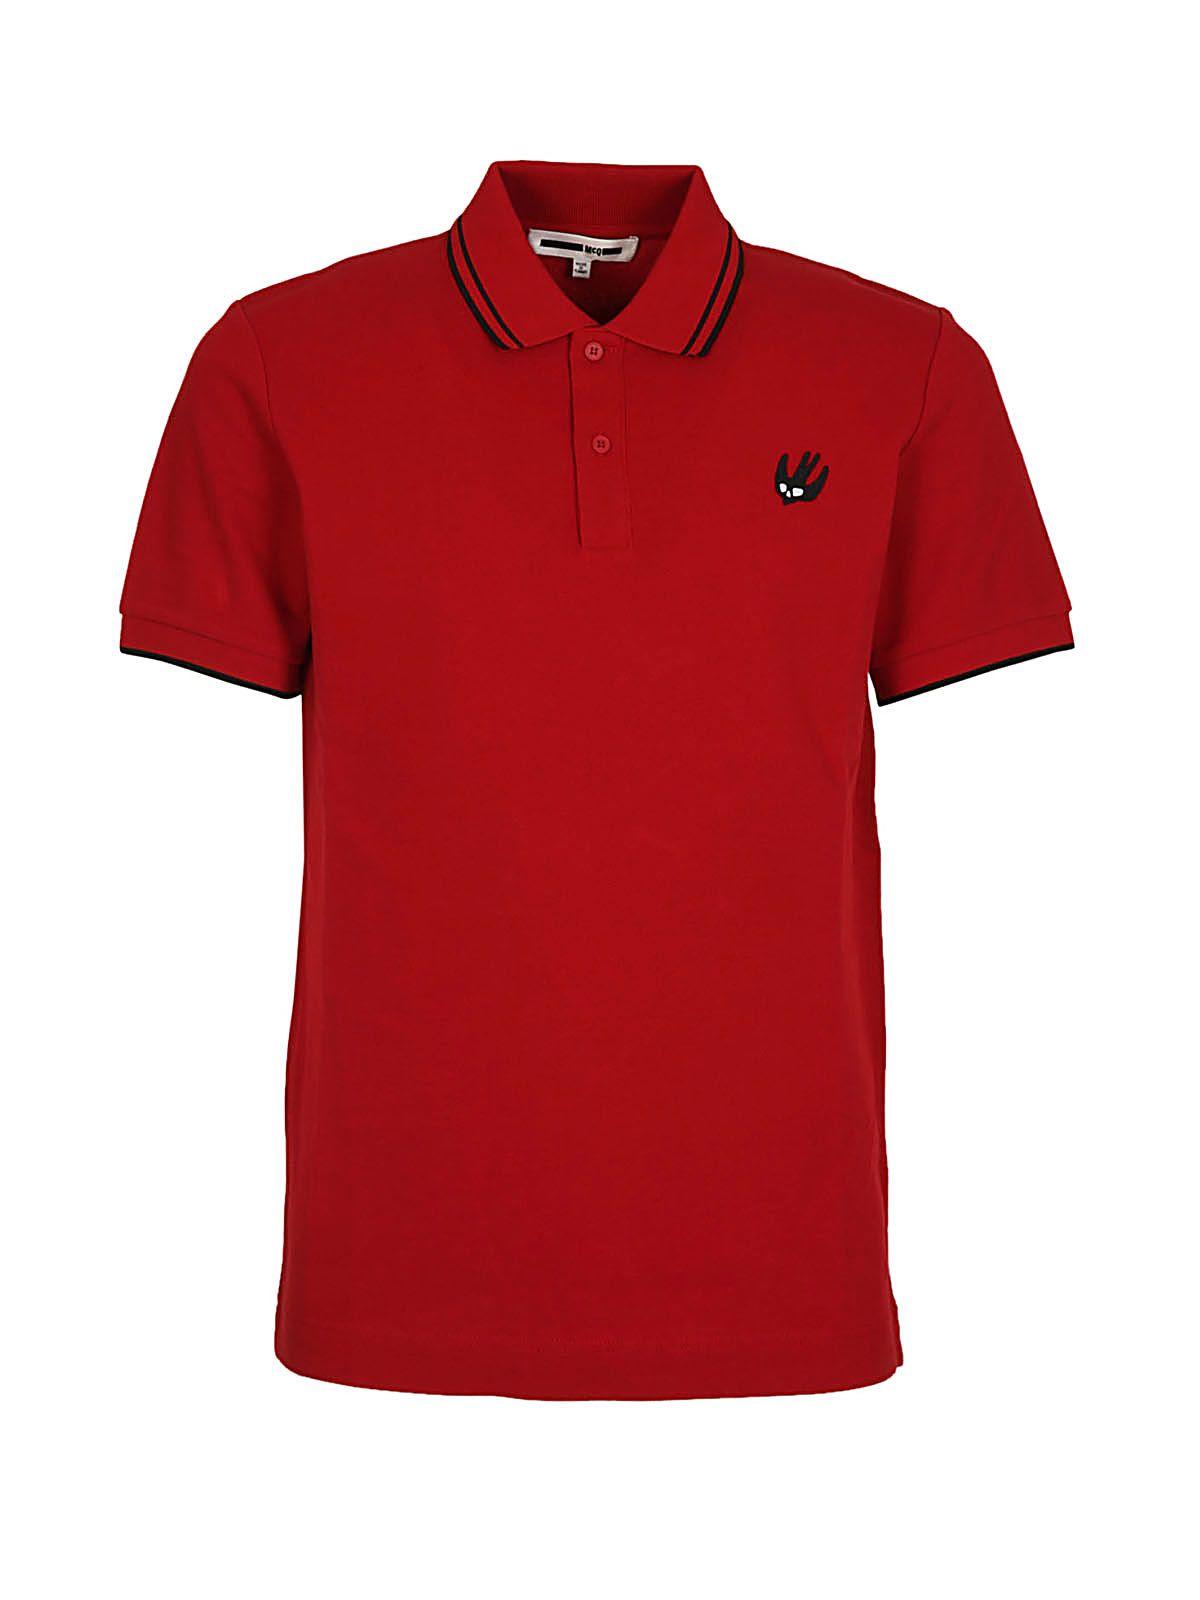 Mcq Alexander Mcqueen Swallow Badge Polo Shirt